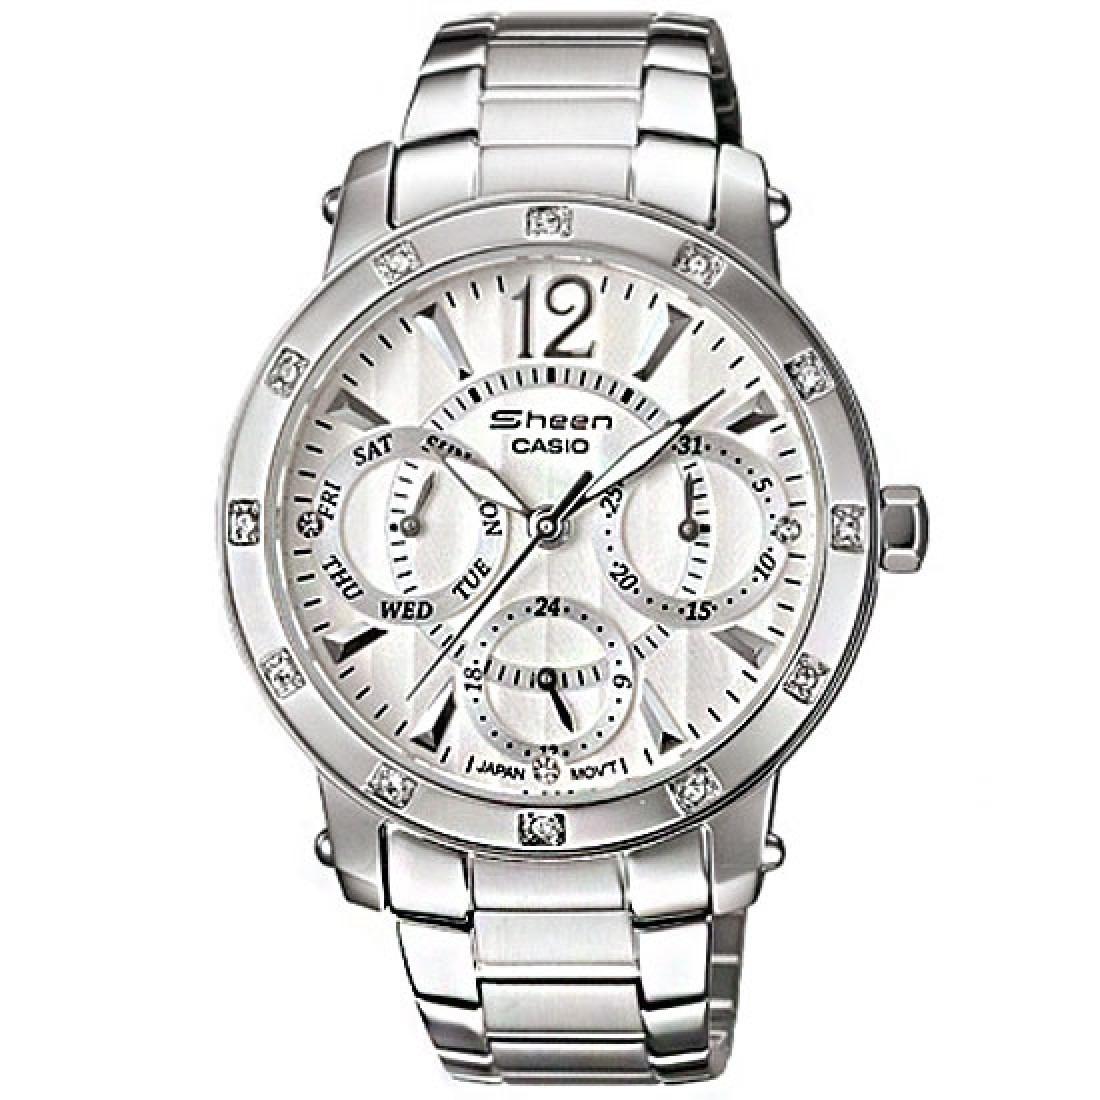 2d2c5cf59291 reloj casio edifice mujer shn-3012d-7a envío internacional. Cargando zoom.